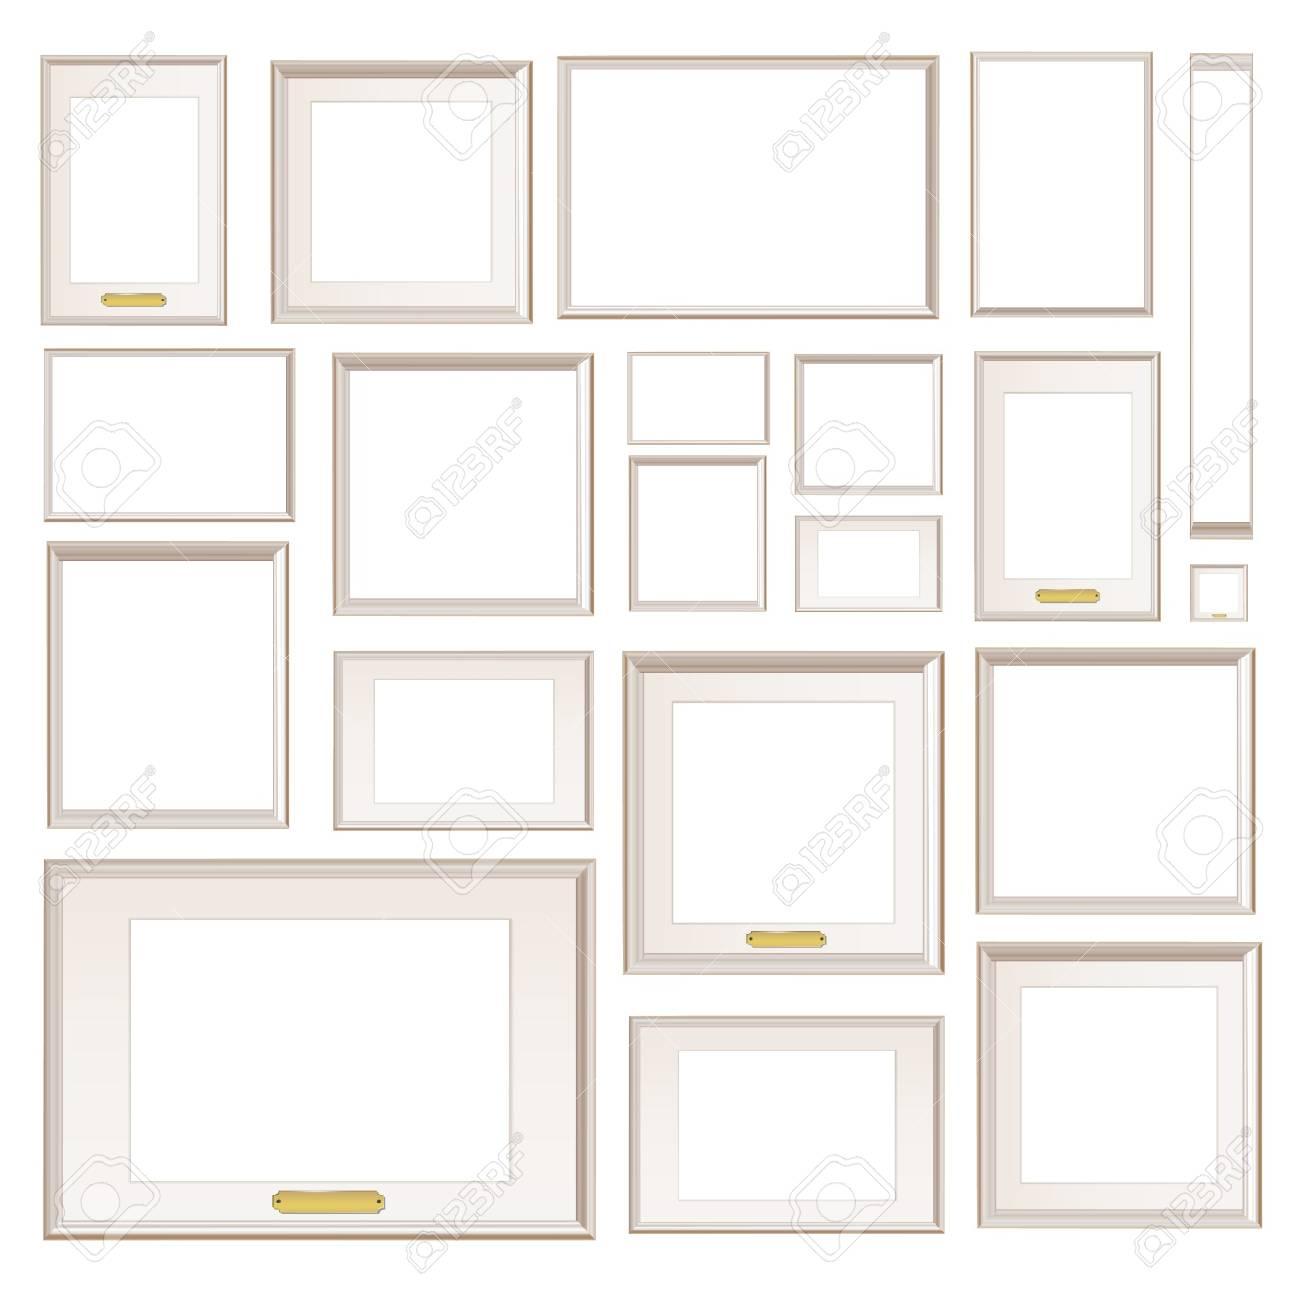 Full background of frameworks Stock Vector - 17382615